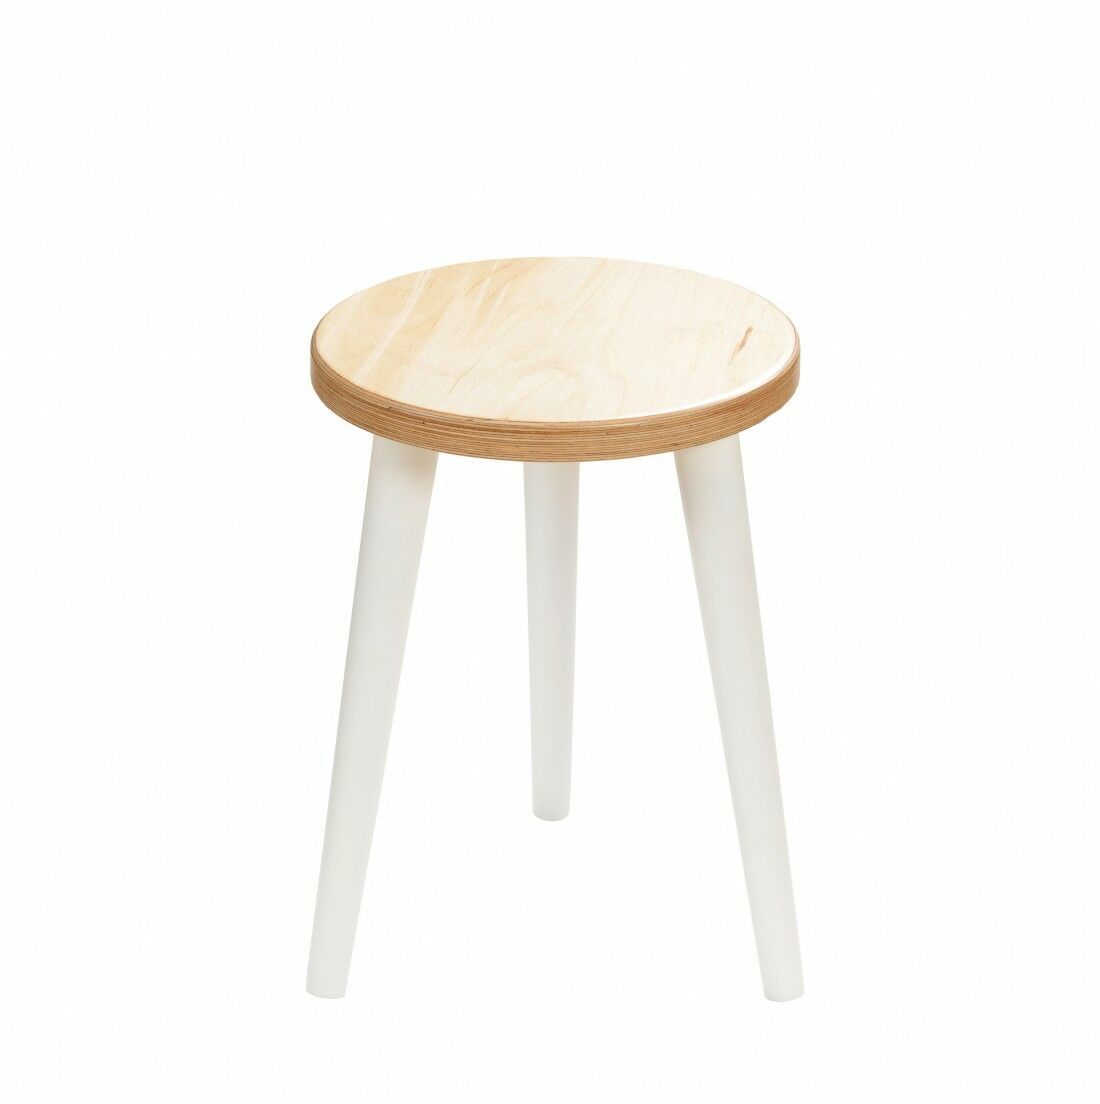 Taboret okrągły ze sklejki Freakexpo, Wykończenie nogi - Biały, Wysokość - 410, Wymiar siedziska (Średnica) - 300